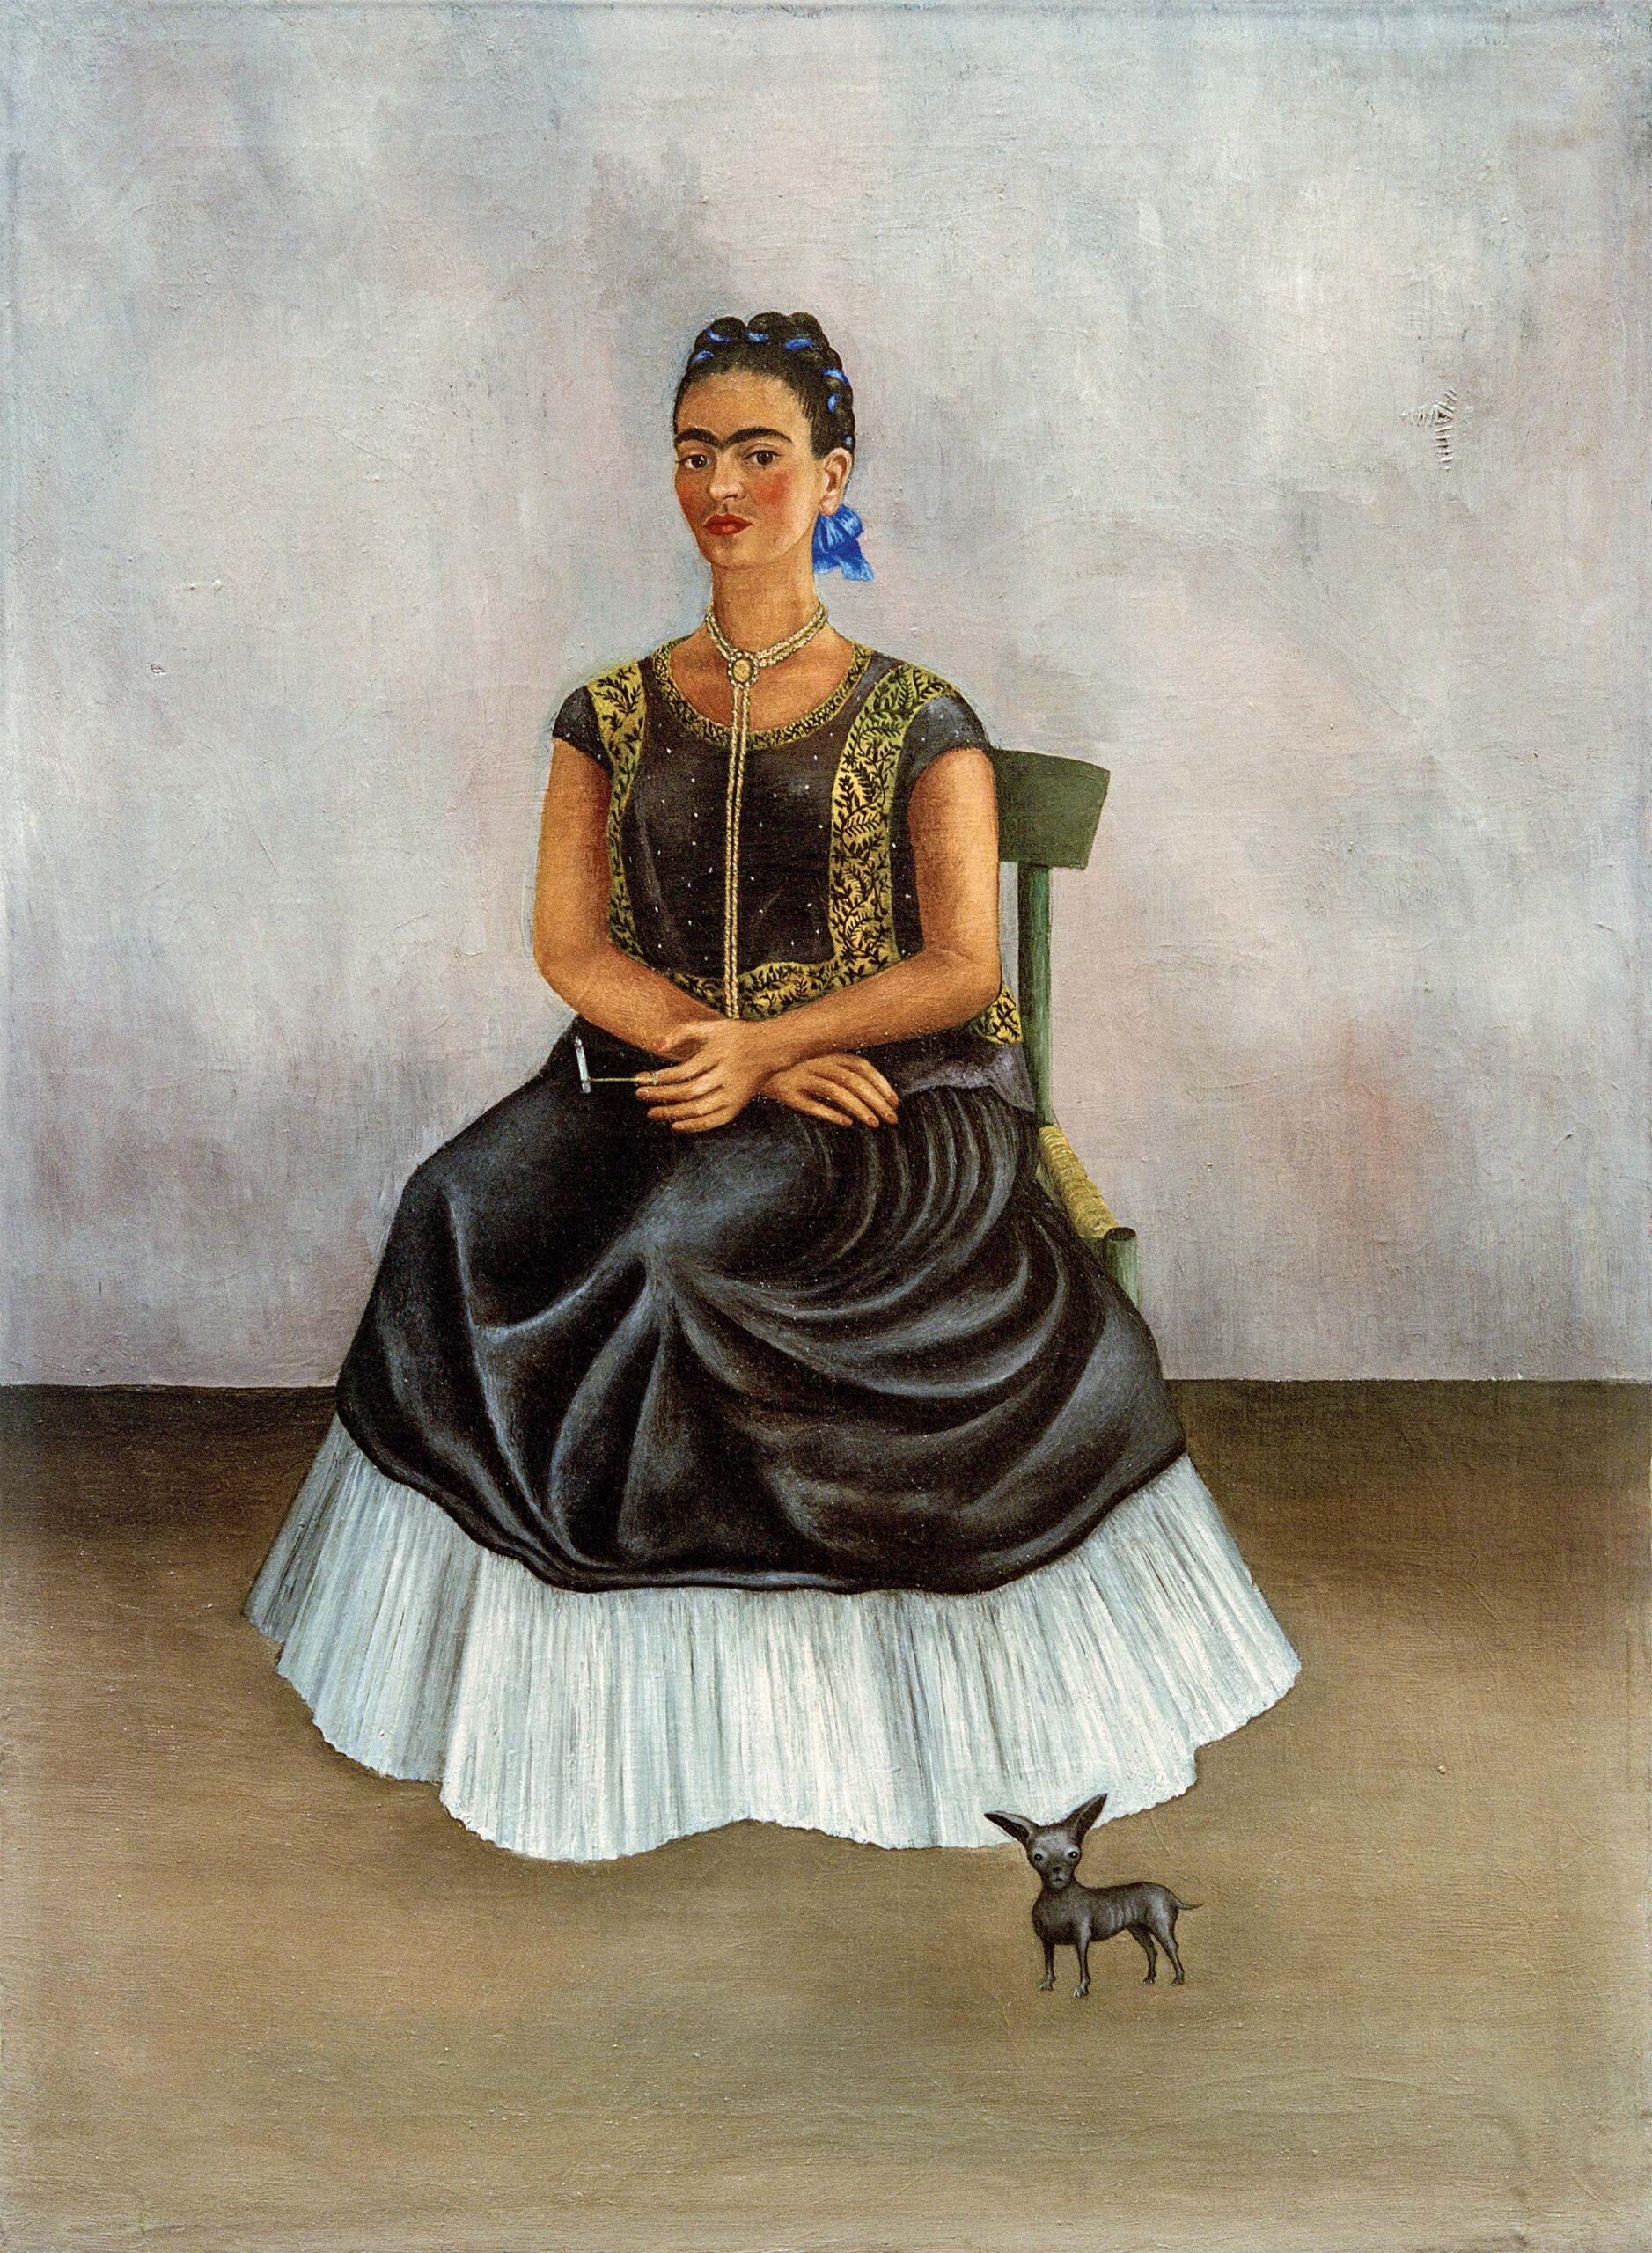 kahlo autoretrato libro perrito